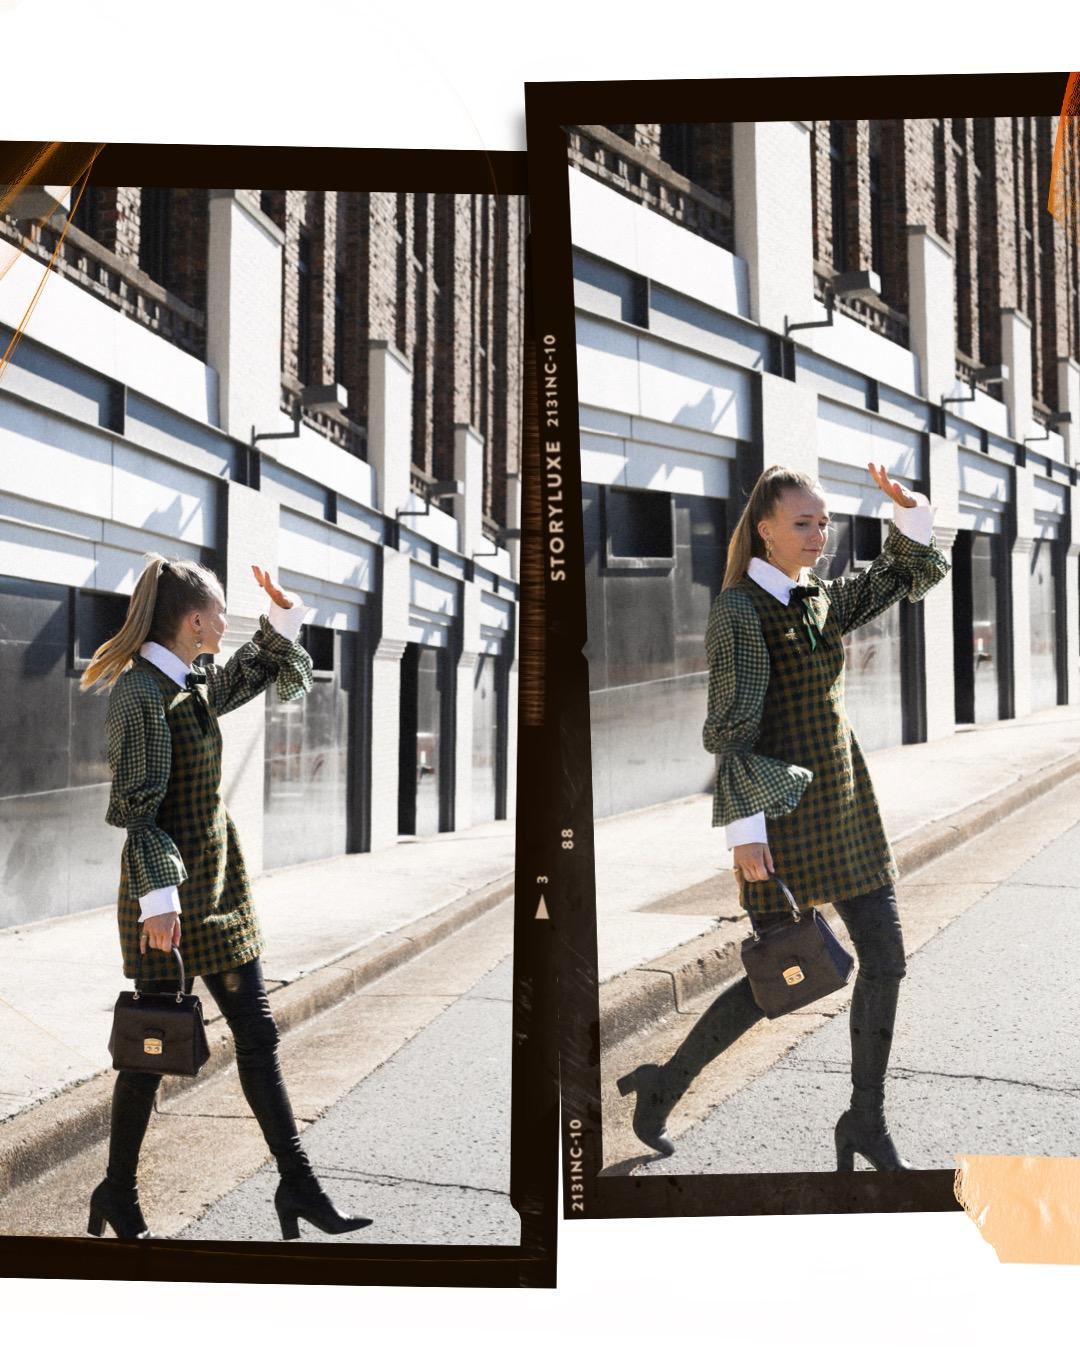 nashville-blogger-outfits-pinterest.JPG